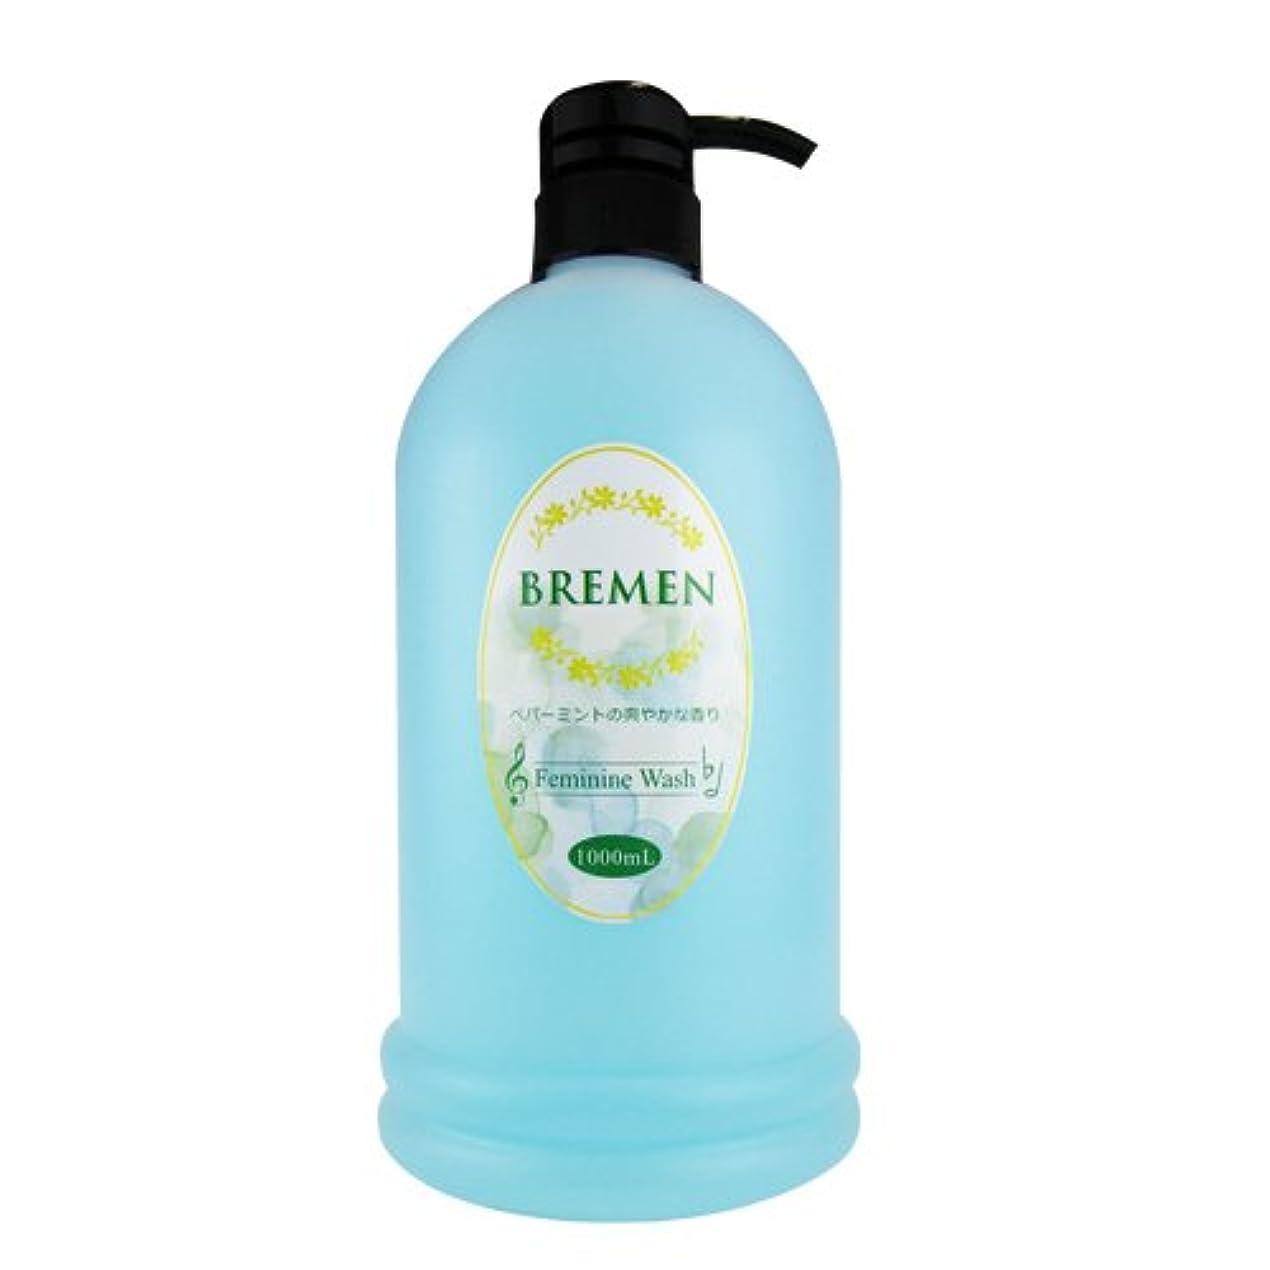 値下げ規模混乱ブレーメン(BREMEN) フェミニンウォッシュ(Feminine Wash) 1000ml ペパーミントの爽やかな香り